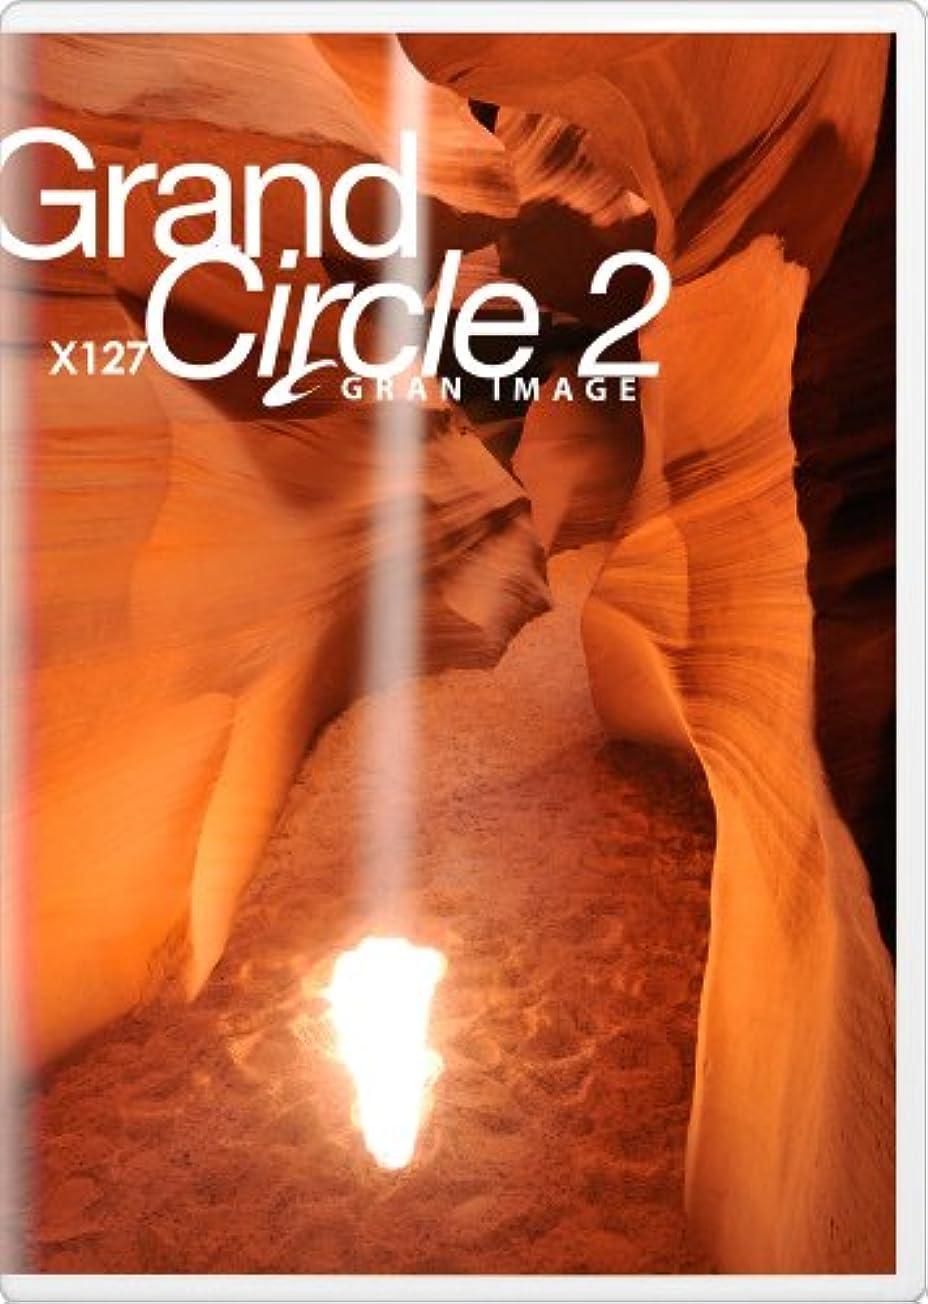 挨拶するリークヨーグルトグランイメージ X127 グランドサークル2(ロイヤリティフリー写真素材集)